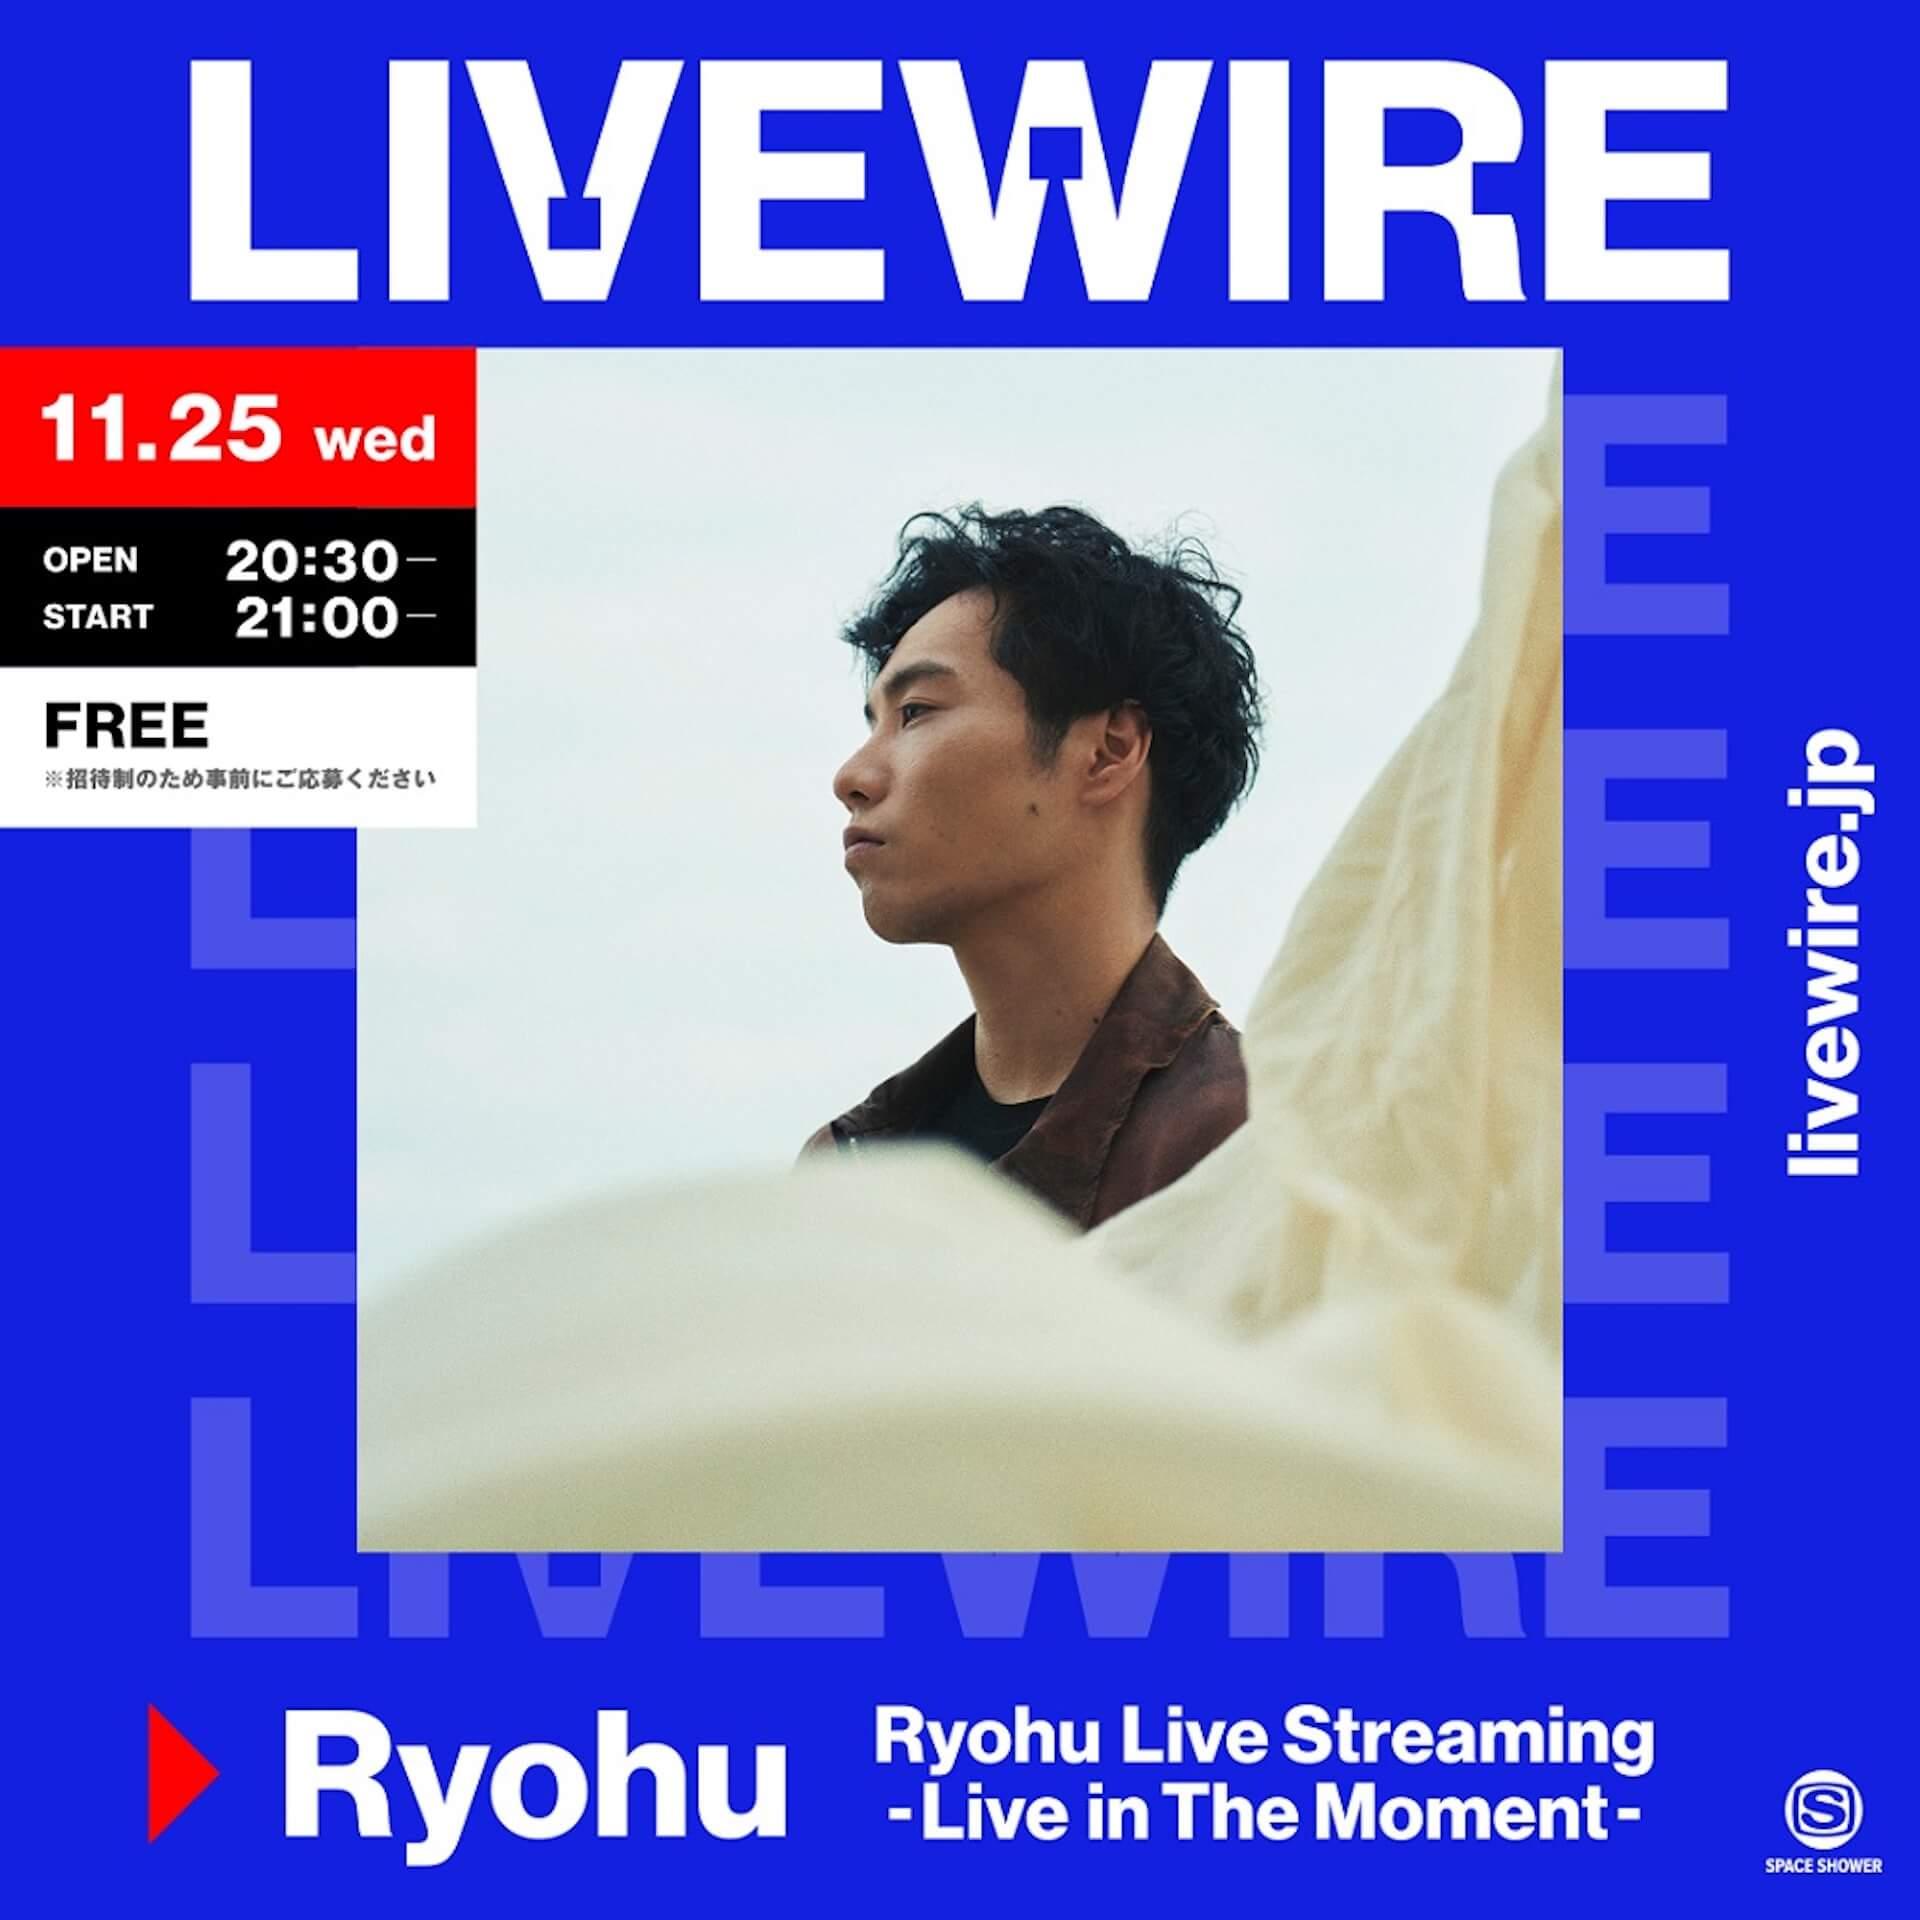 Ryohuの1st Album『DEBUT』リリースを記念したポップアップが開催決定!オカモトレイジリミックス曲付属のフーディーが登場 music201119_ryohu_debut_popup_9